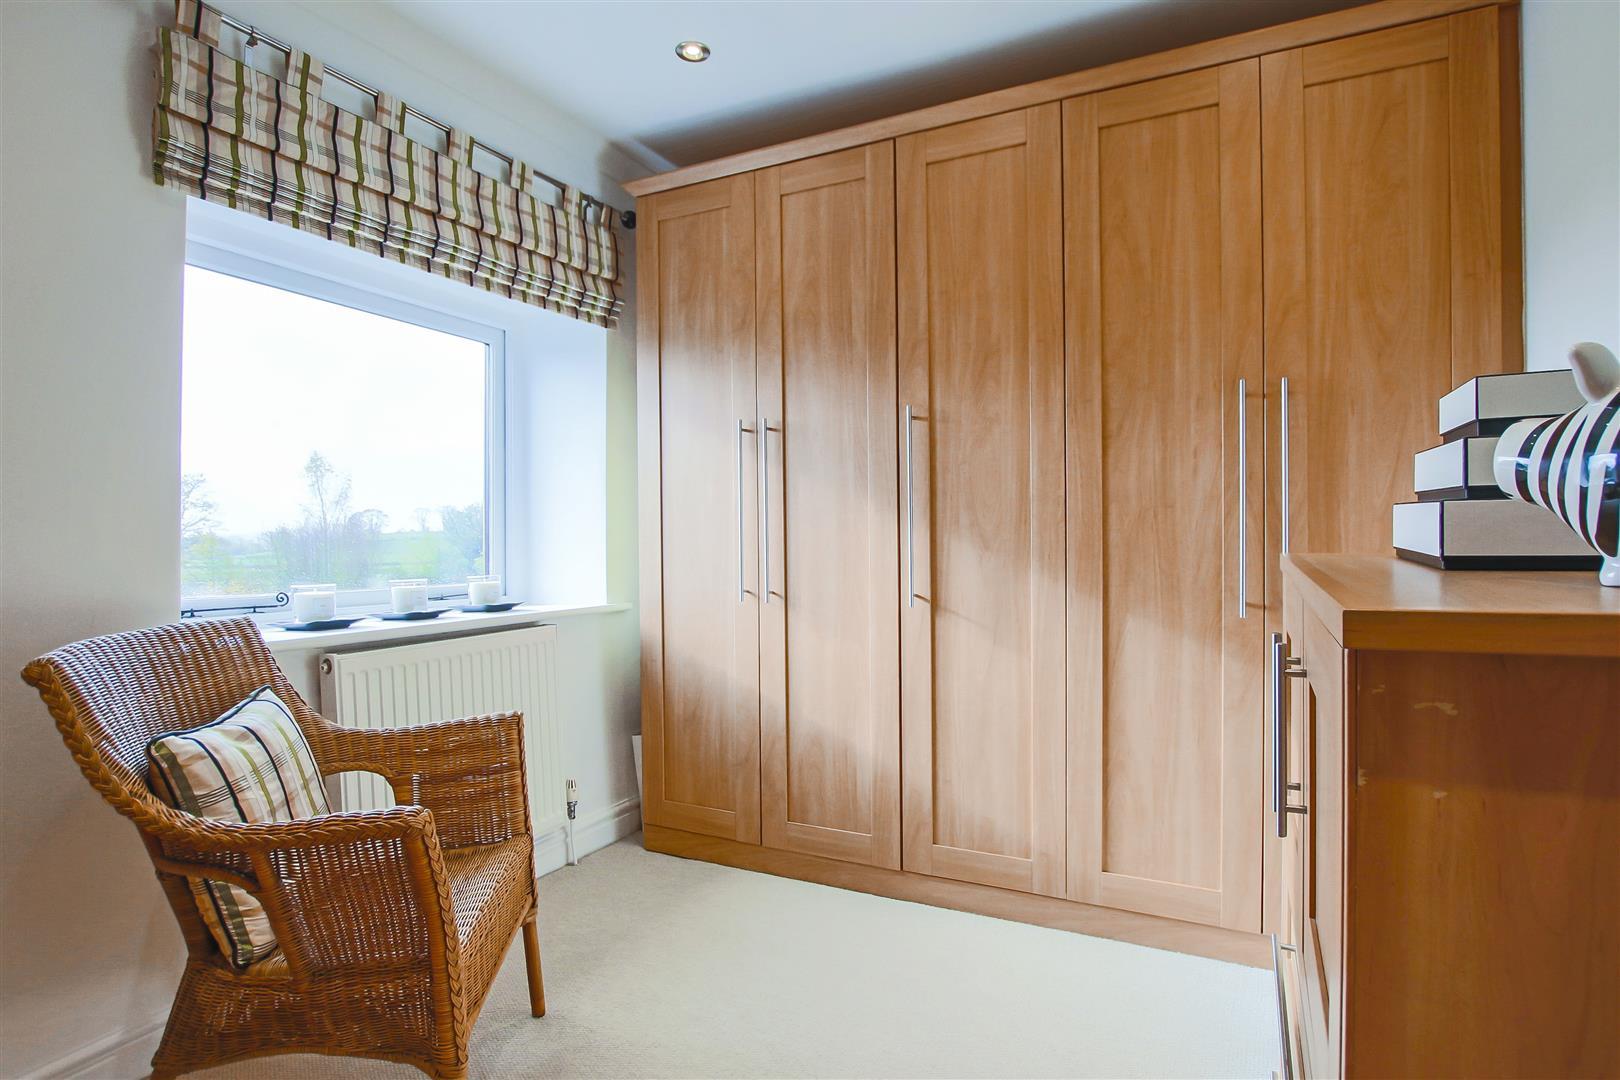 3 Bedroom Cottage For Sale - Bedroom 3